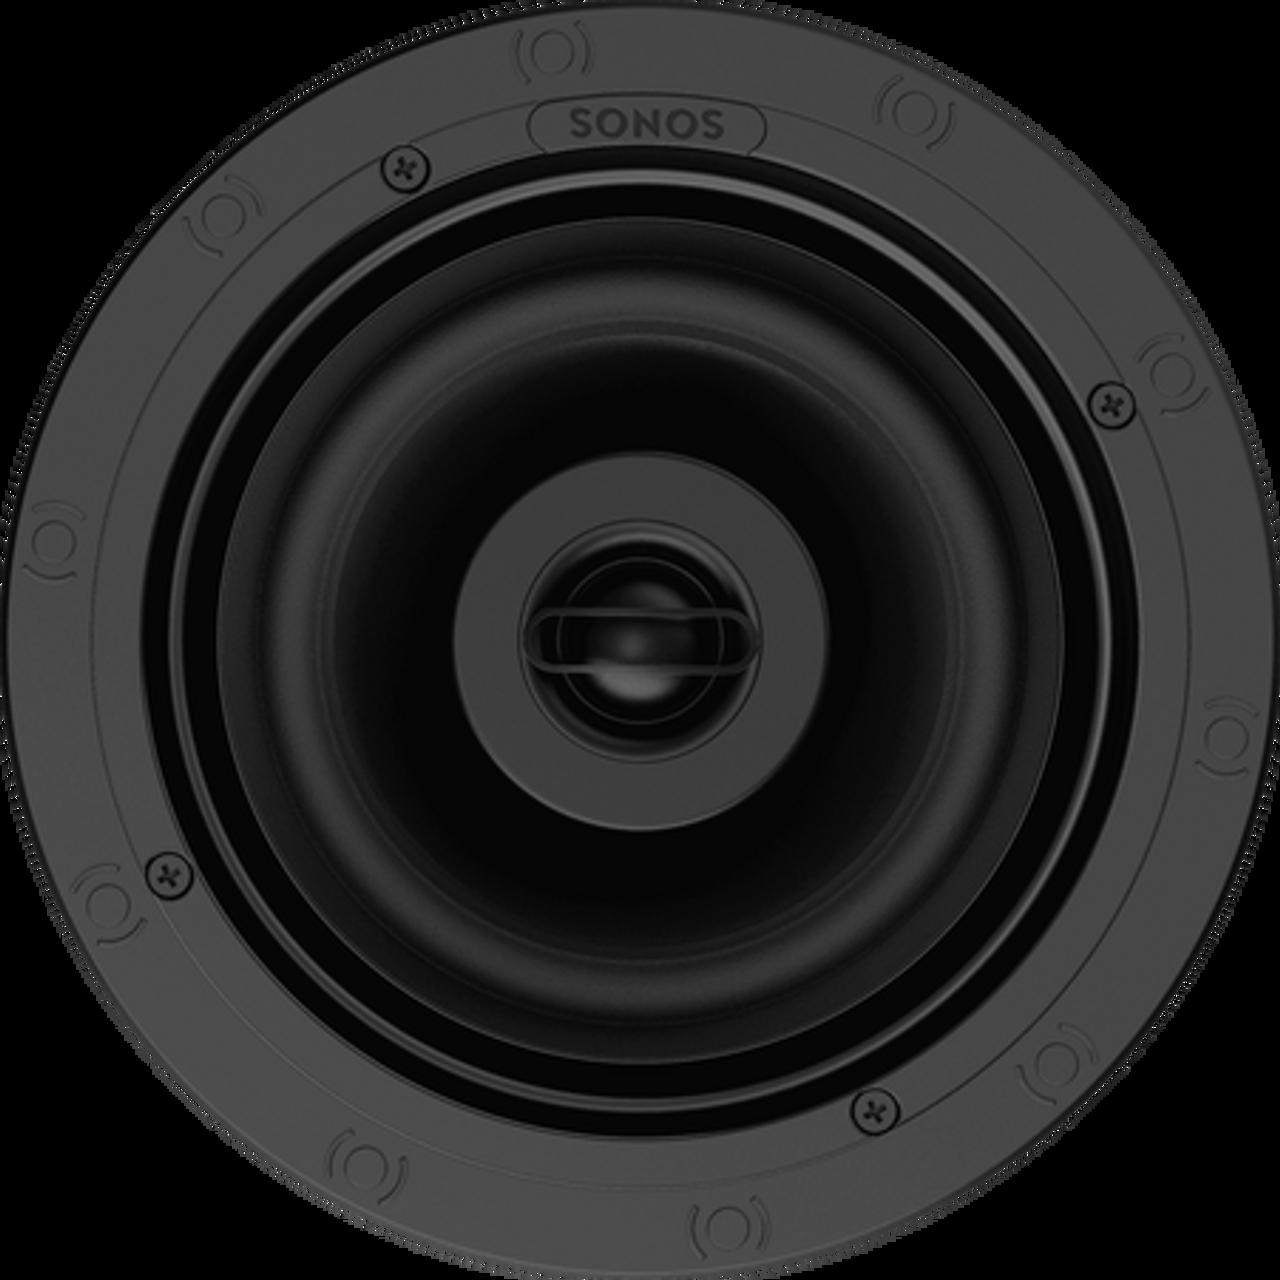 Sonos In-Ceiling Speaker by Sonance (Pair)